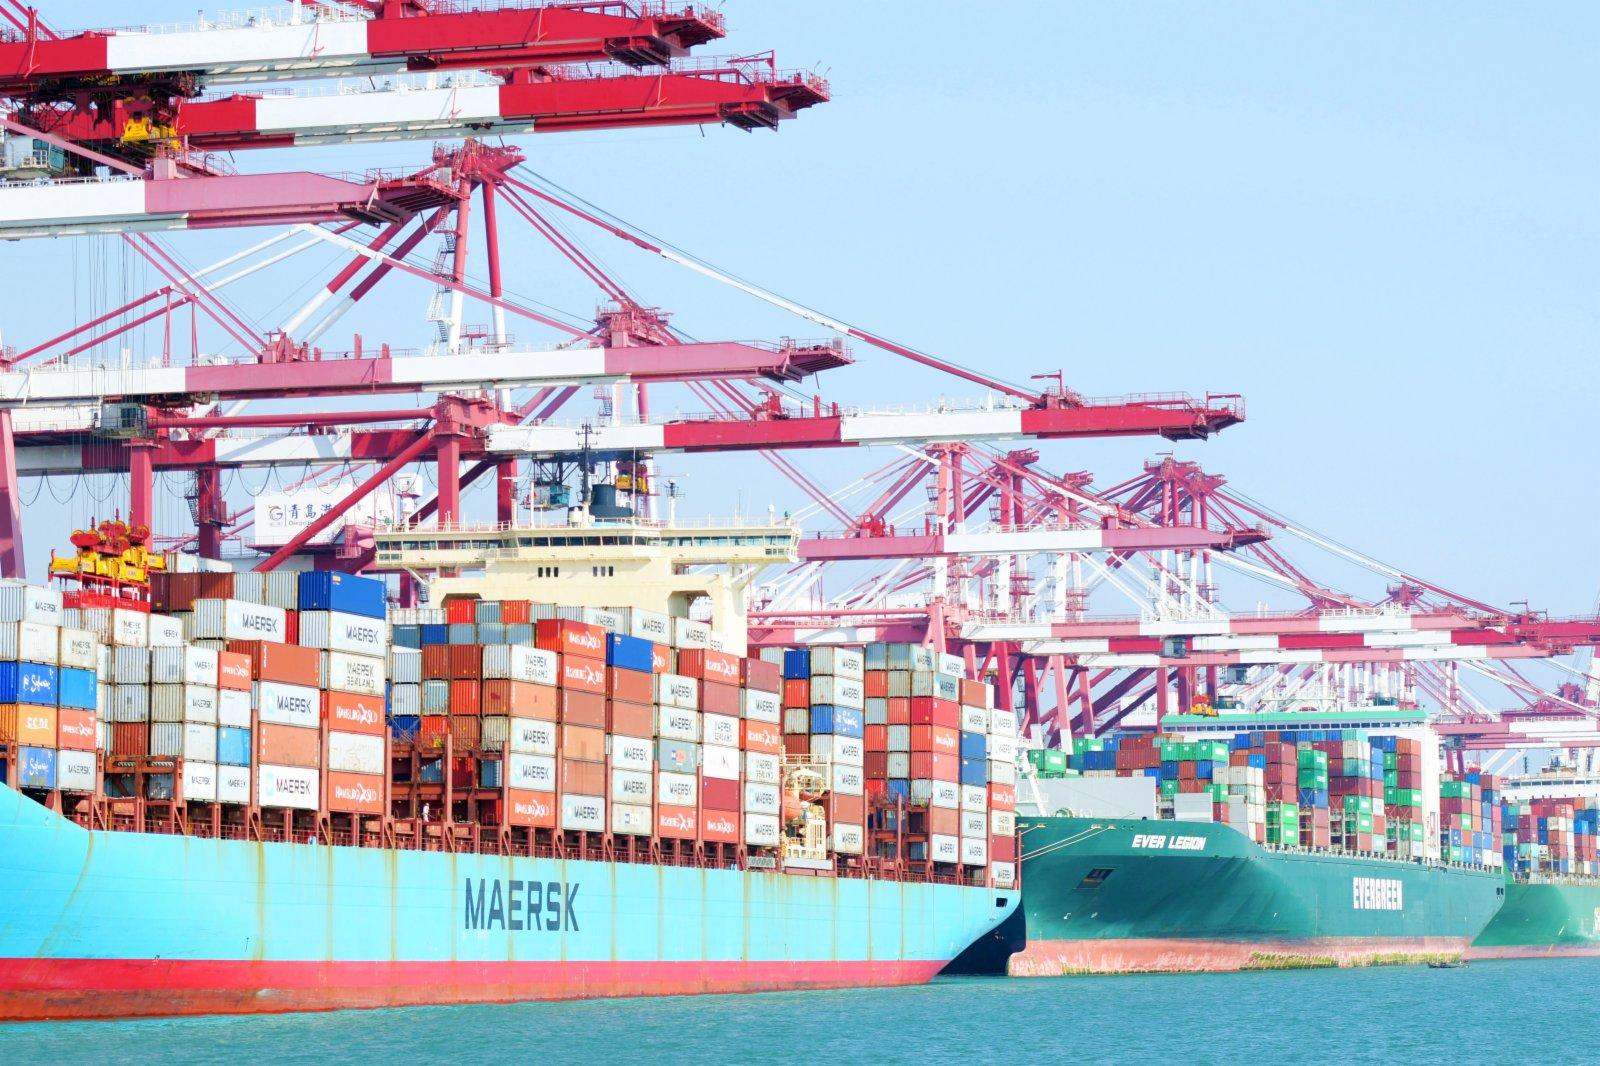 2月9日,山東港口青島港外貿集裝箱碼頭,集裝箱班輪在裝卸集裝箱。(新華社)